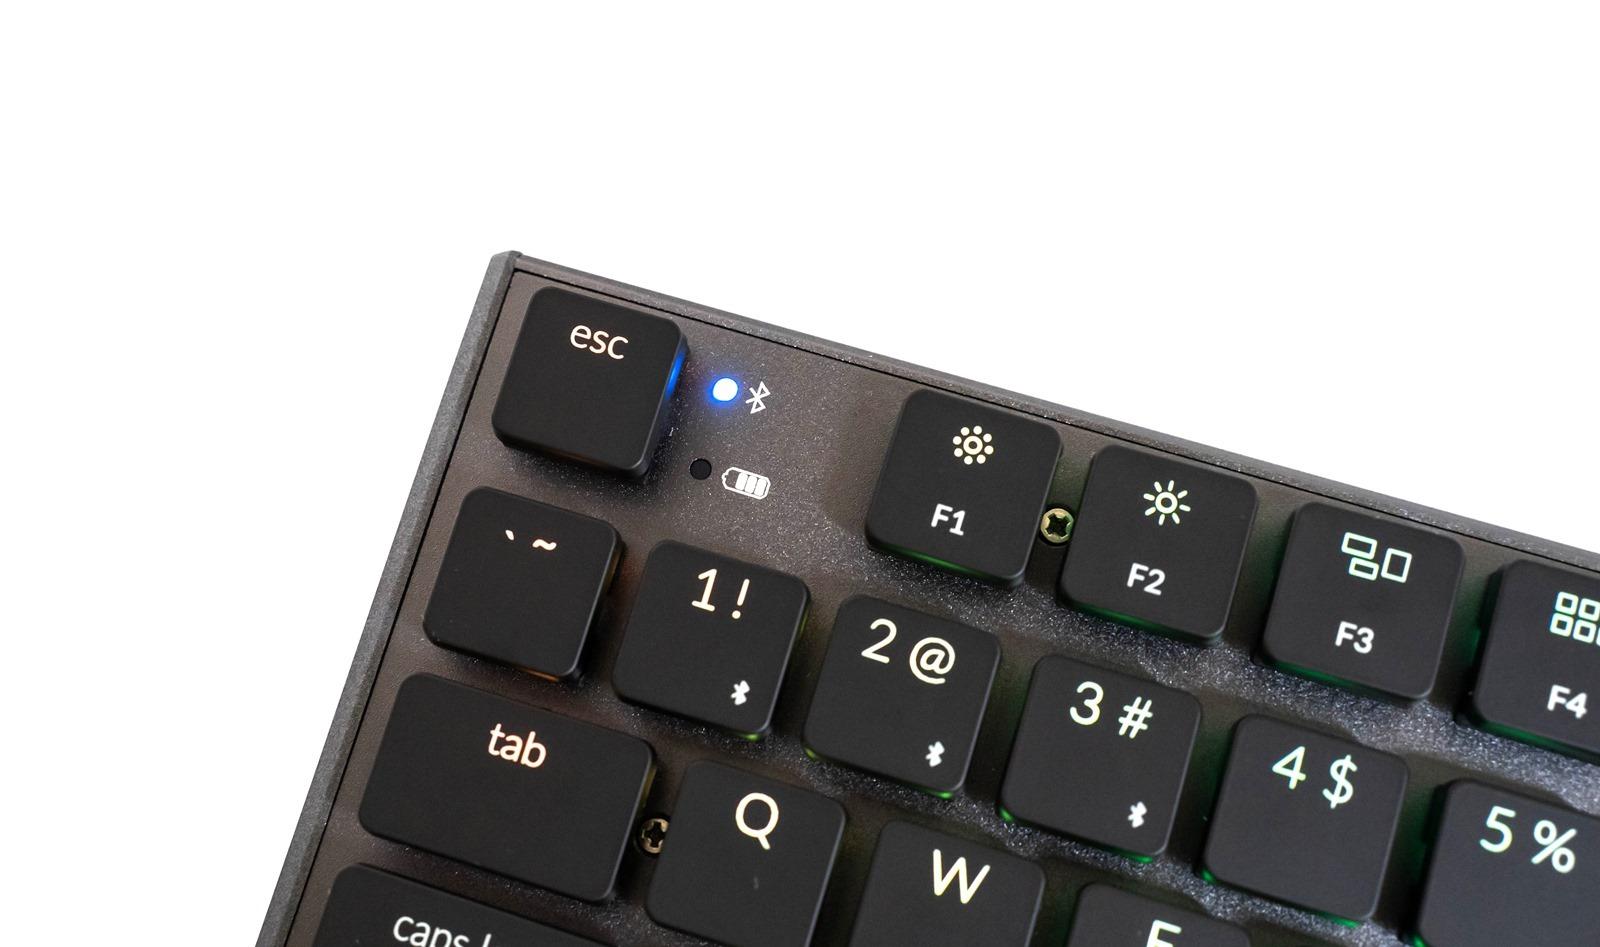 keytron 薄型機械鍵盤入手! @3C 達人廖阿輝